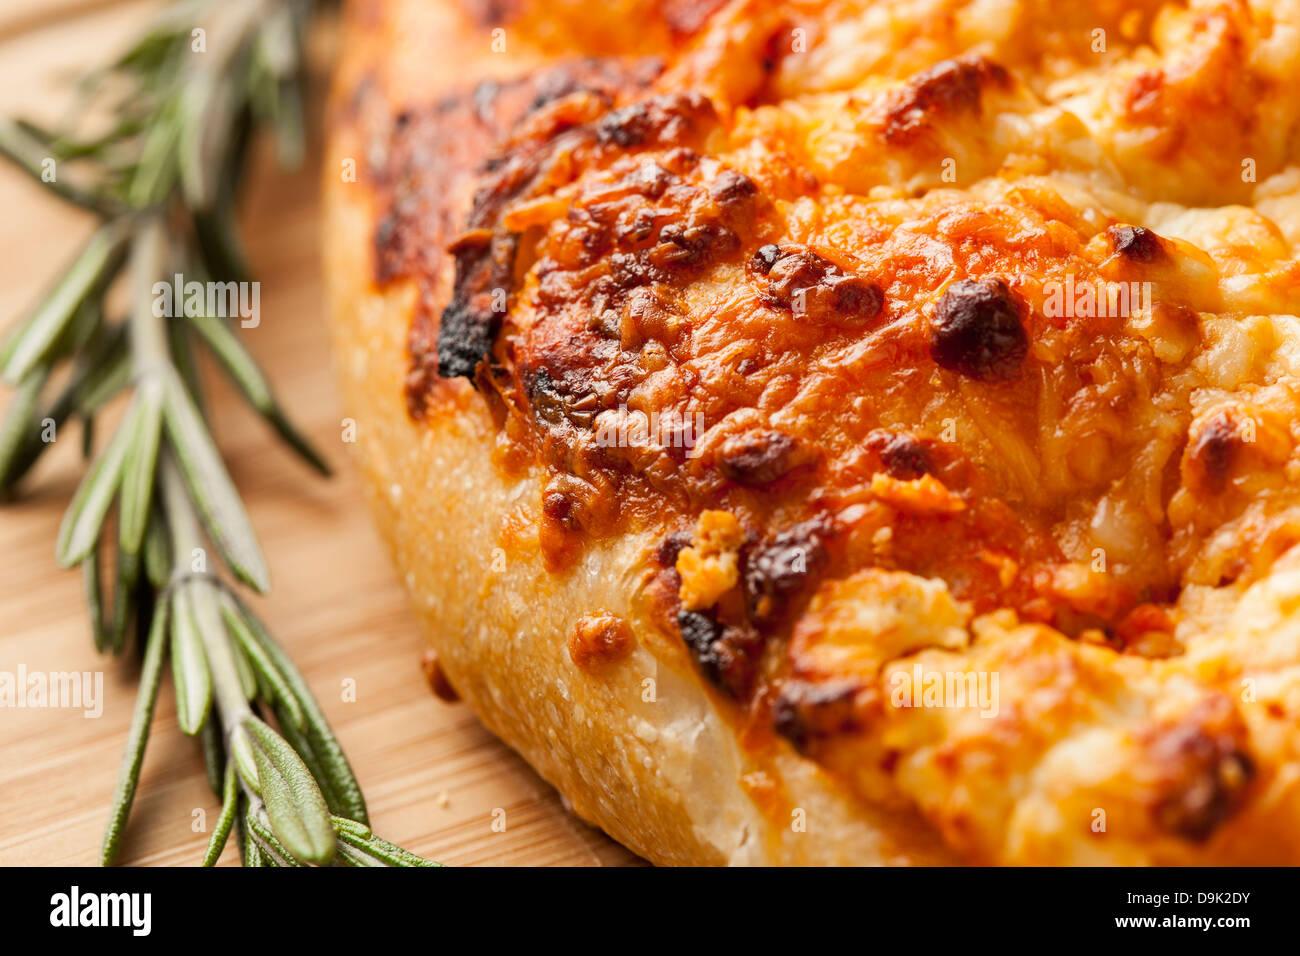 Casero italiano fresco pan de focaccia con romero Imagen De Stock